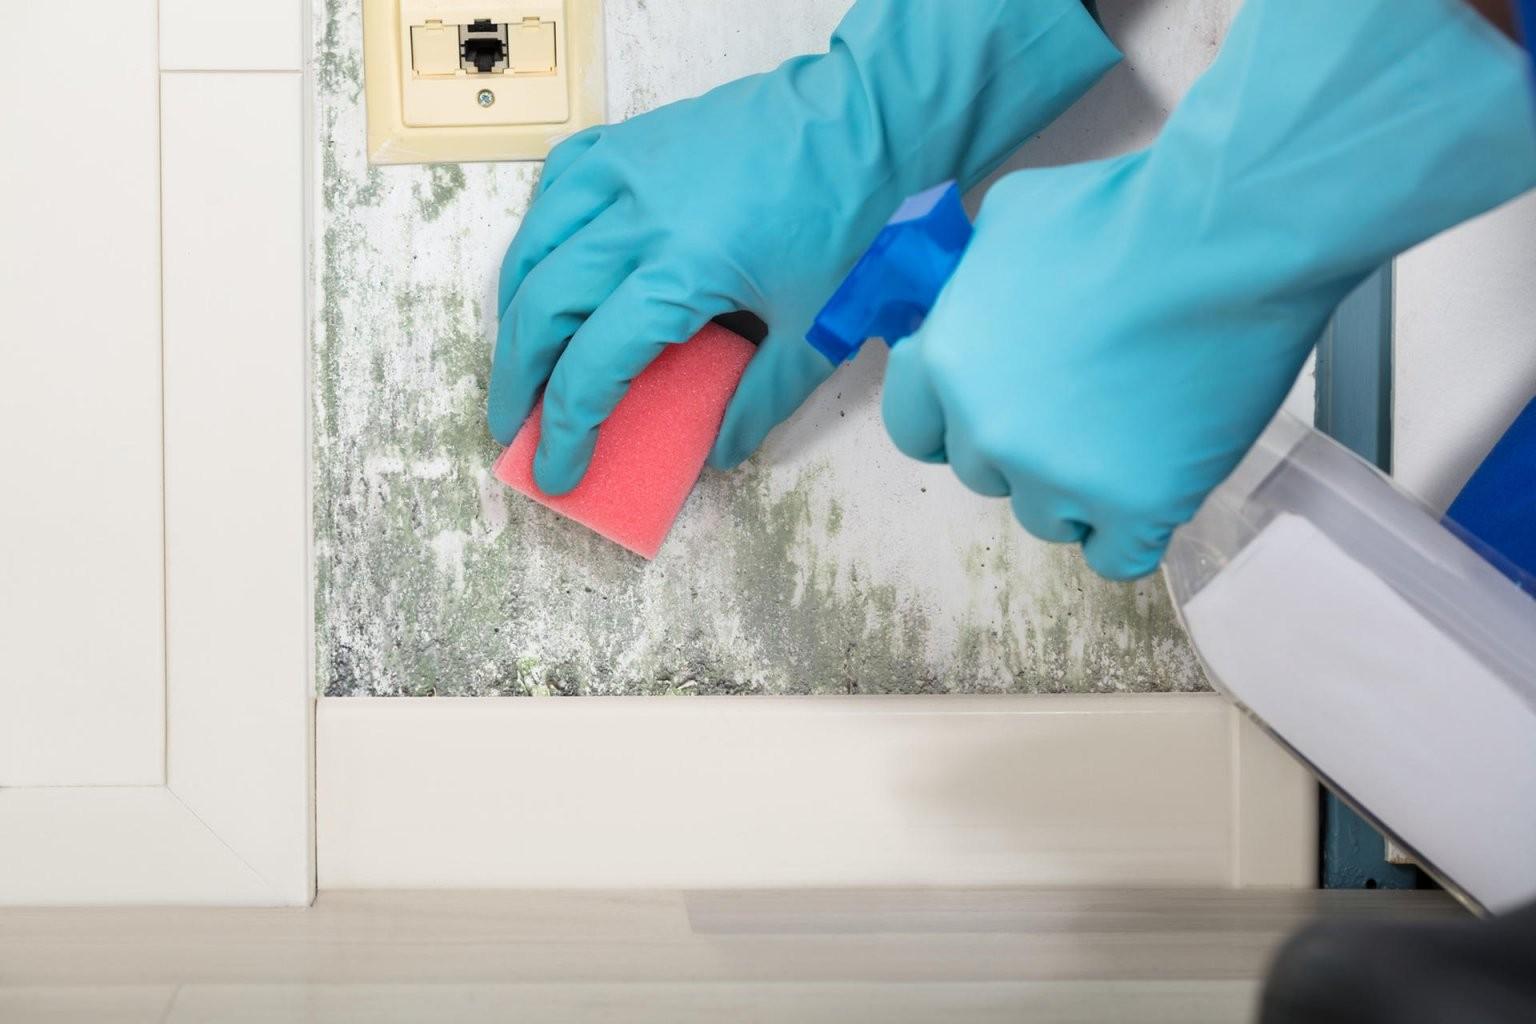 Schimmel Dauerhaft Im Haus Entfernen Hilfreiche Tipps Und Methoden von Rotweinflecken An Der Wand Photo